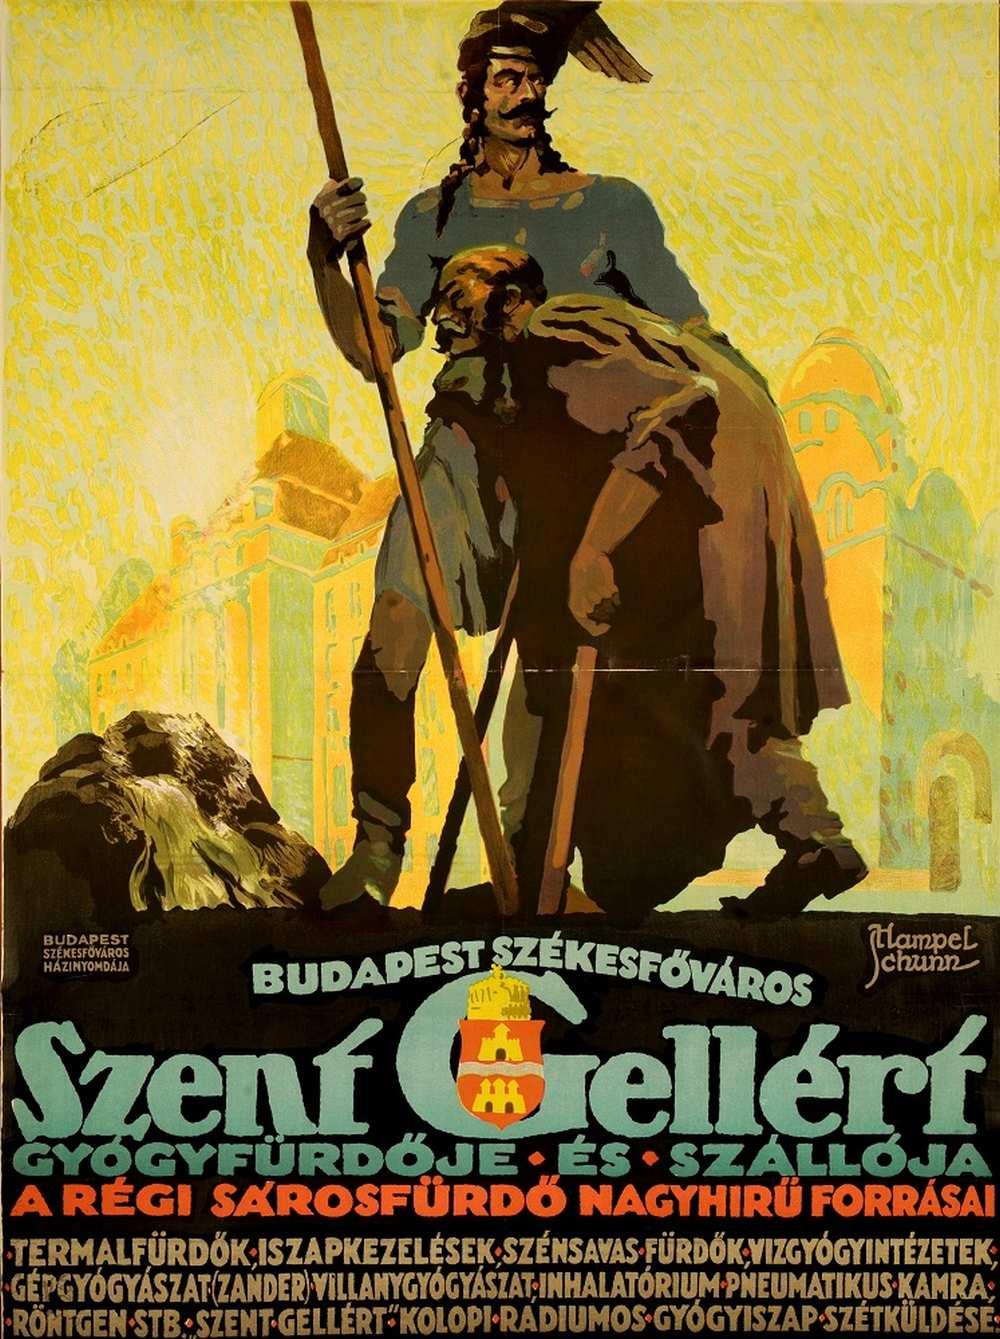 Hampel József: Budapest Székesfőváros Szent Gellért Gyógyfürdője és Szállója (1924) – Térkép-, Plakát- és Kisnyomtatványtár. Jelzet: PKG.én/330 http://nektar.oszk.hu/hu/manifestation/2770069